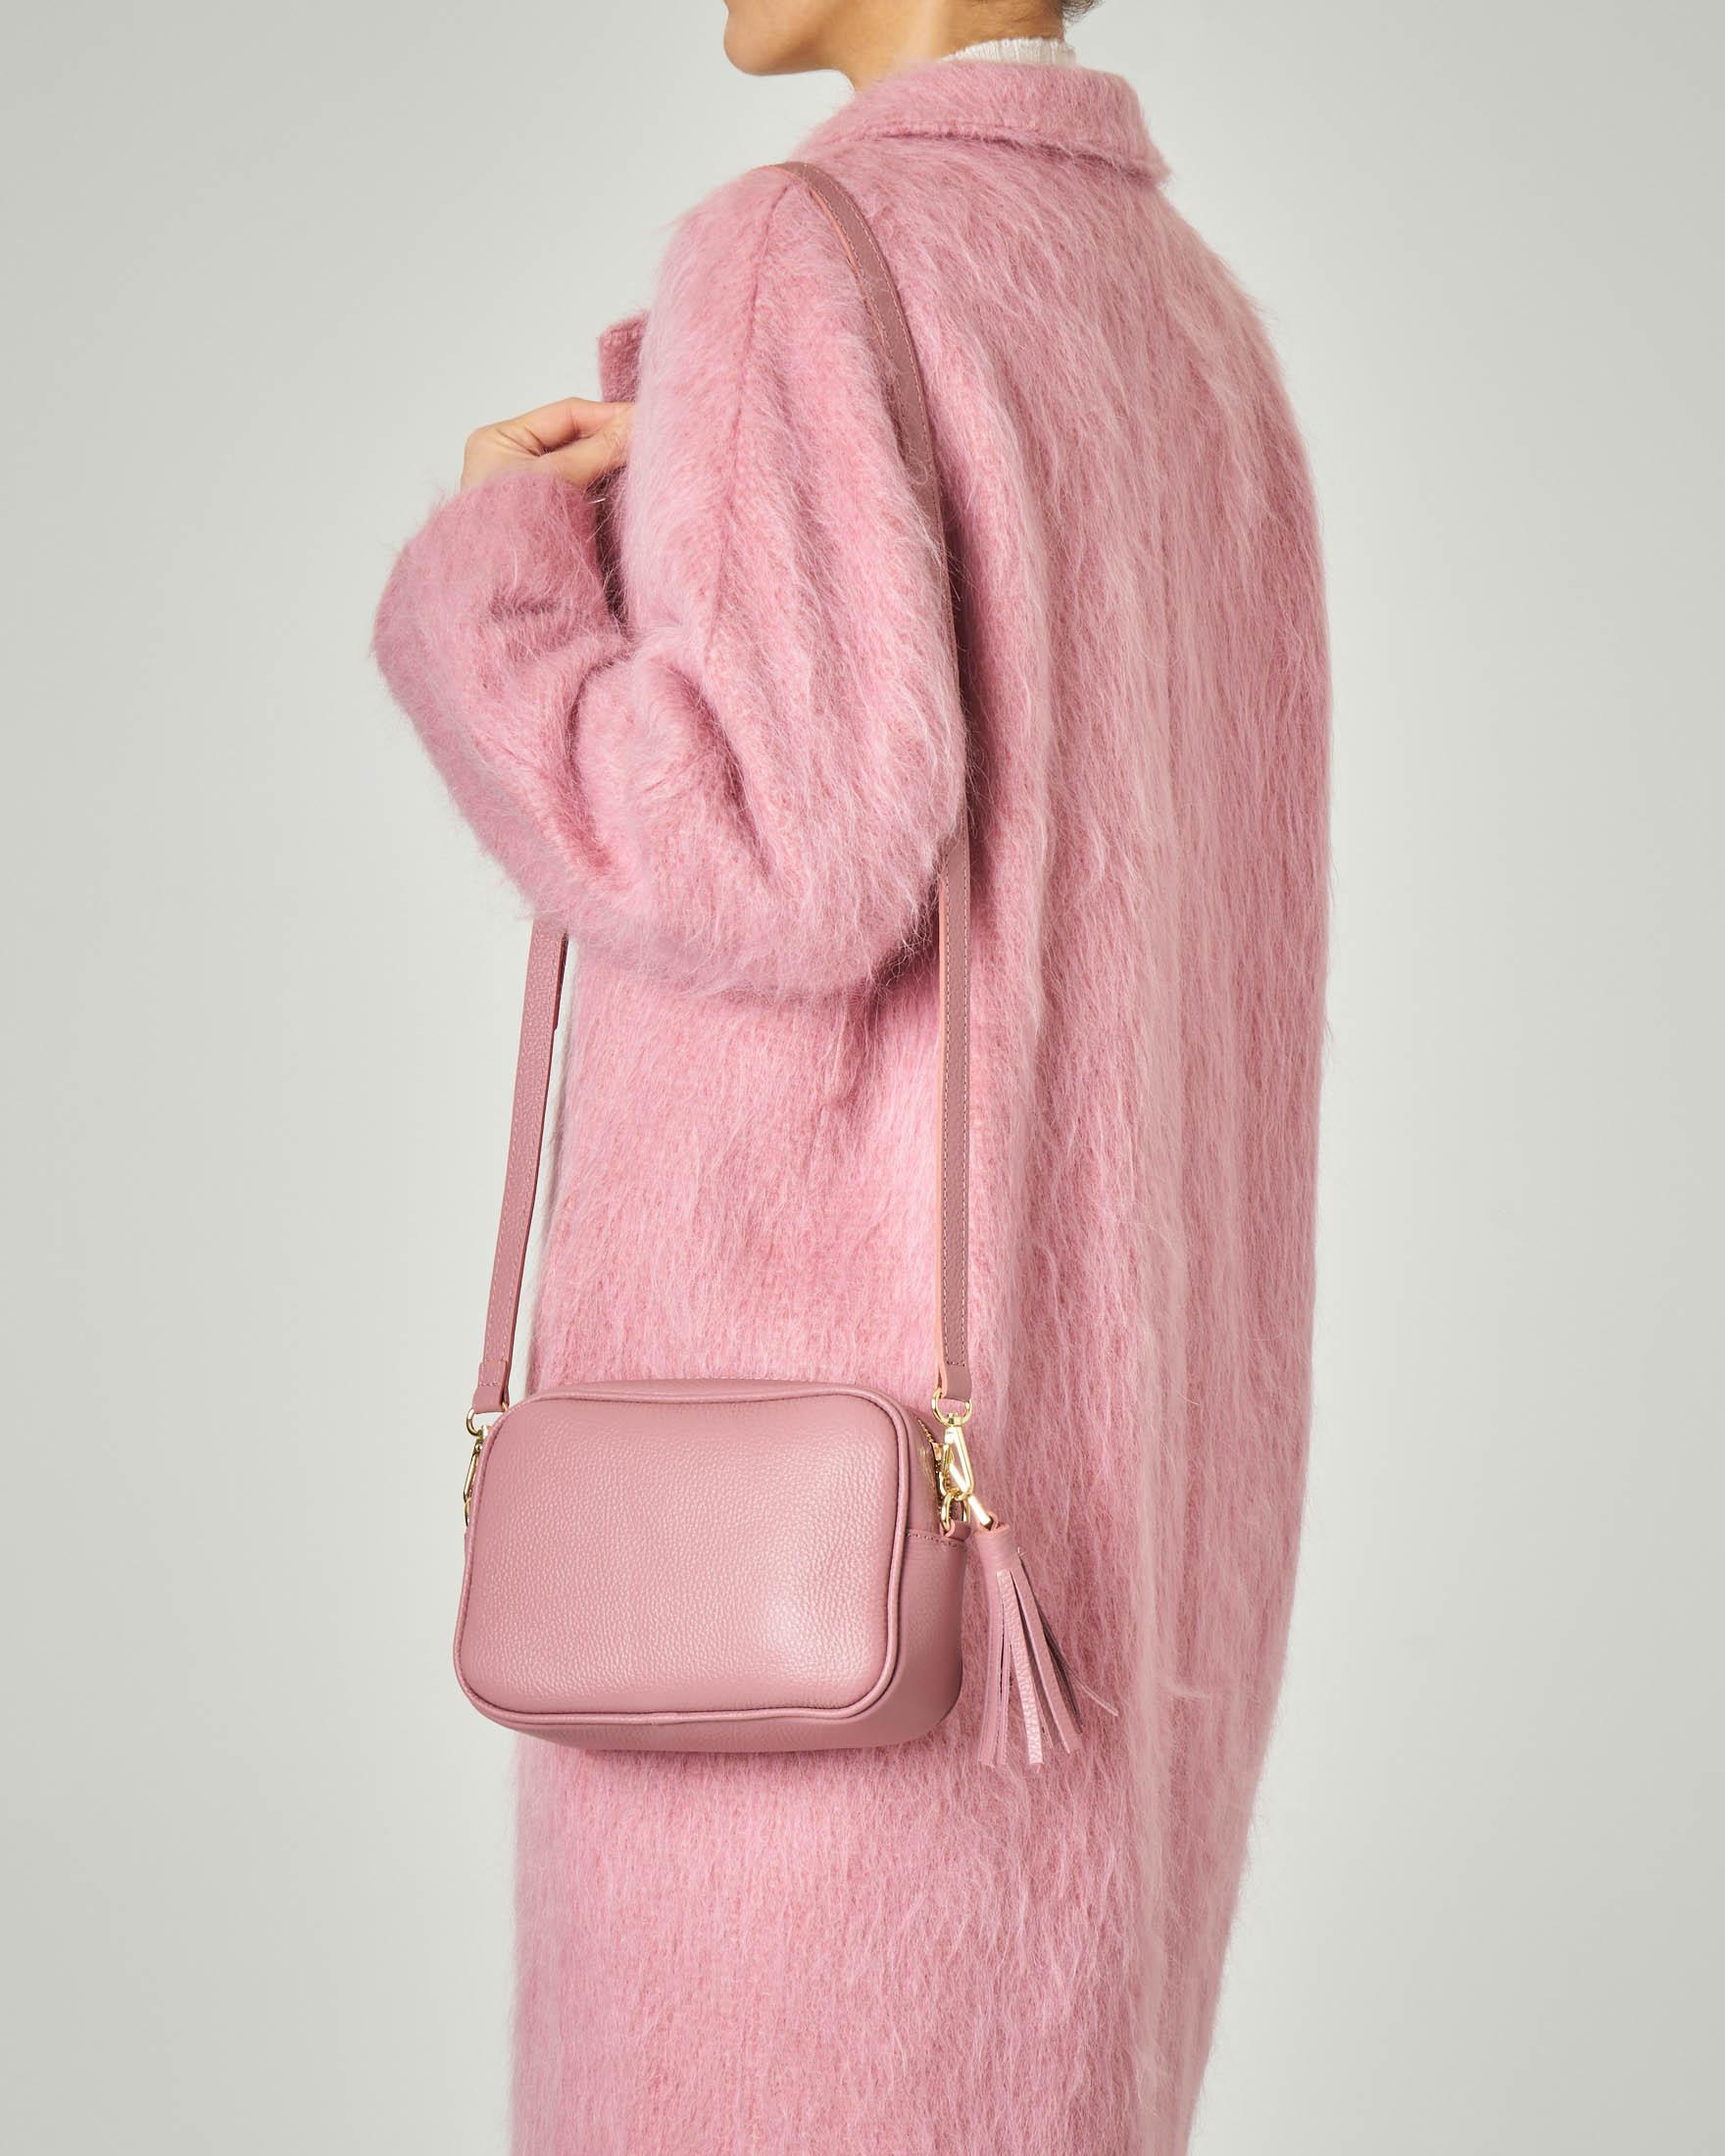 Cross bag in pelle rosa effetto martellato con nappina abbinata